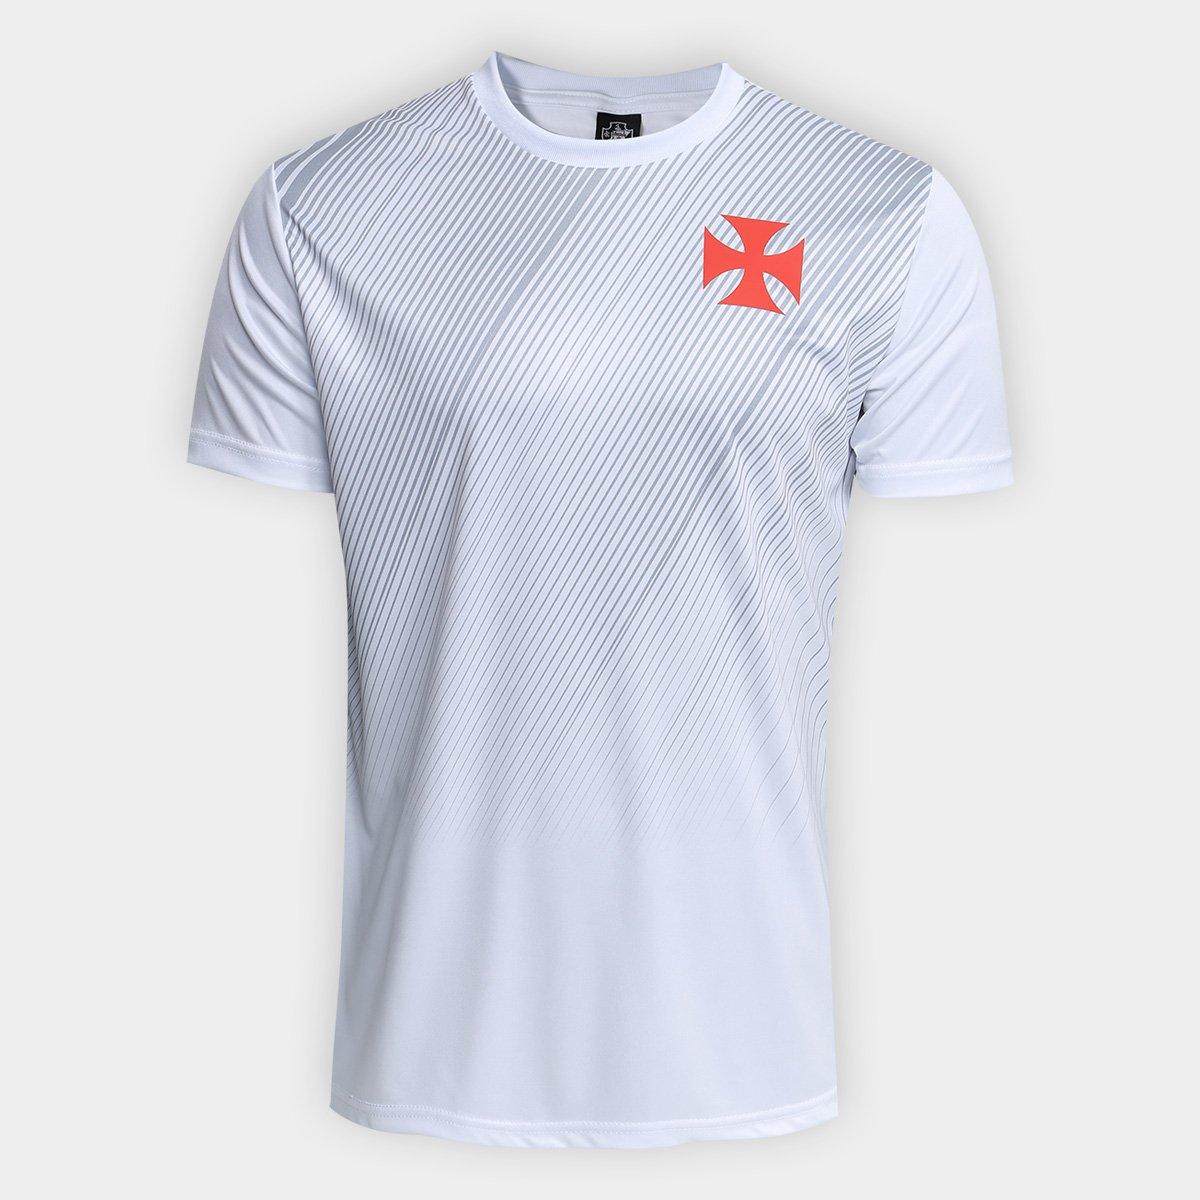 a903e4c463 Camisa Vasco Upgrade Masculina - Compre Agora